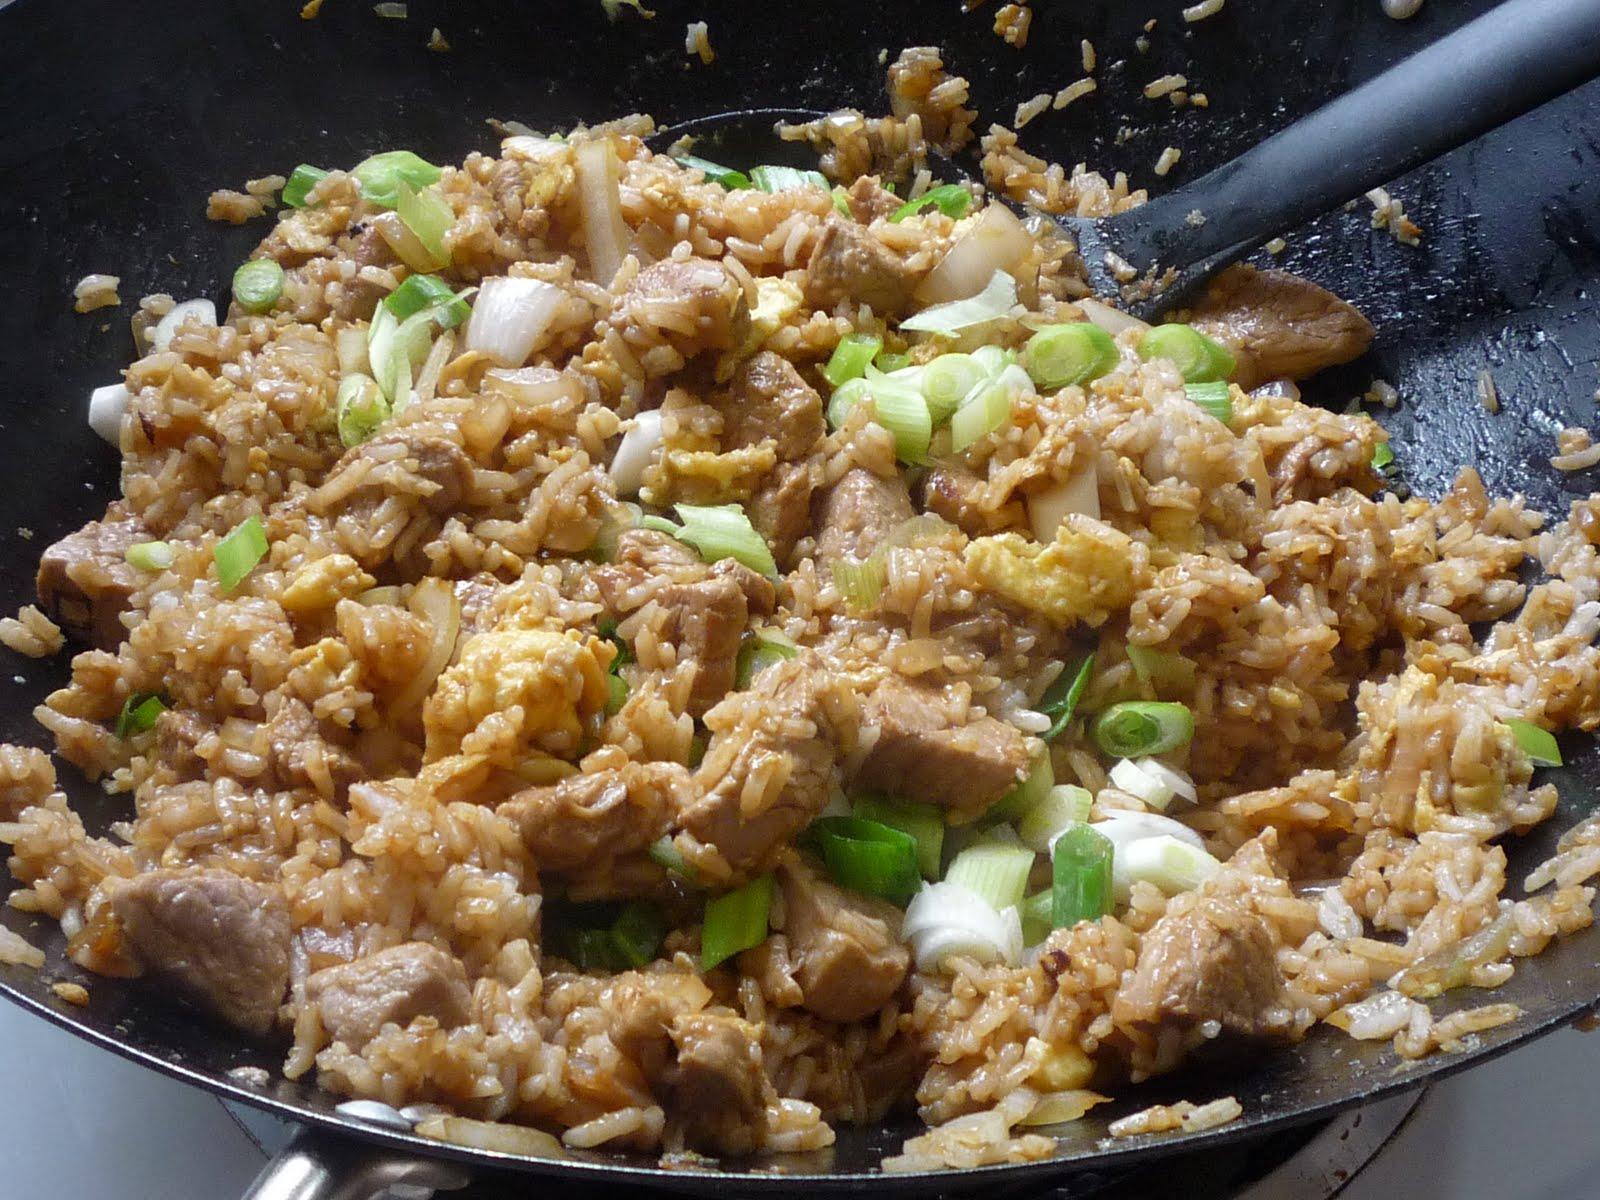 A1 SAMAIYAL: Pork fried rice